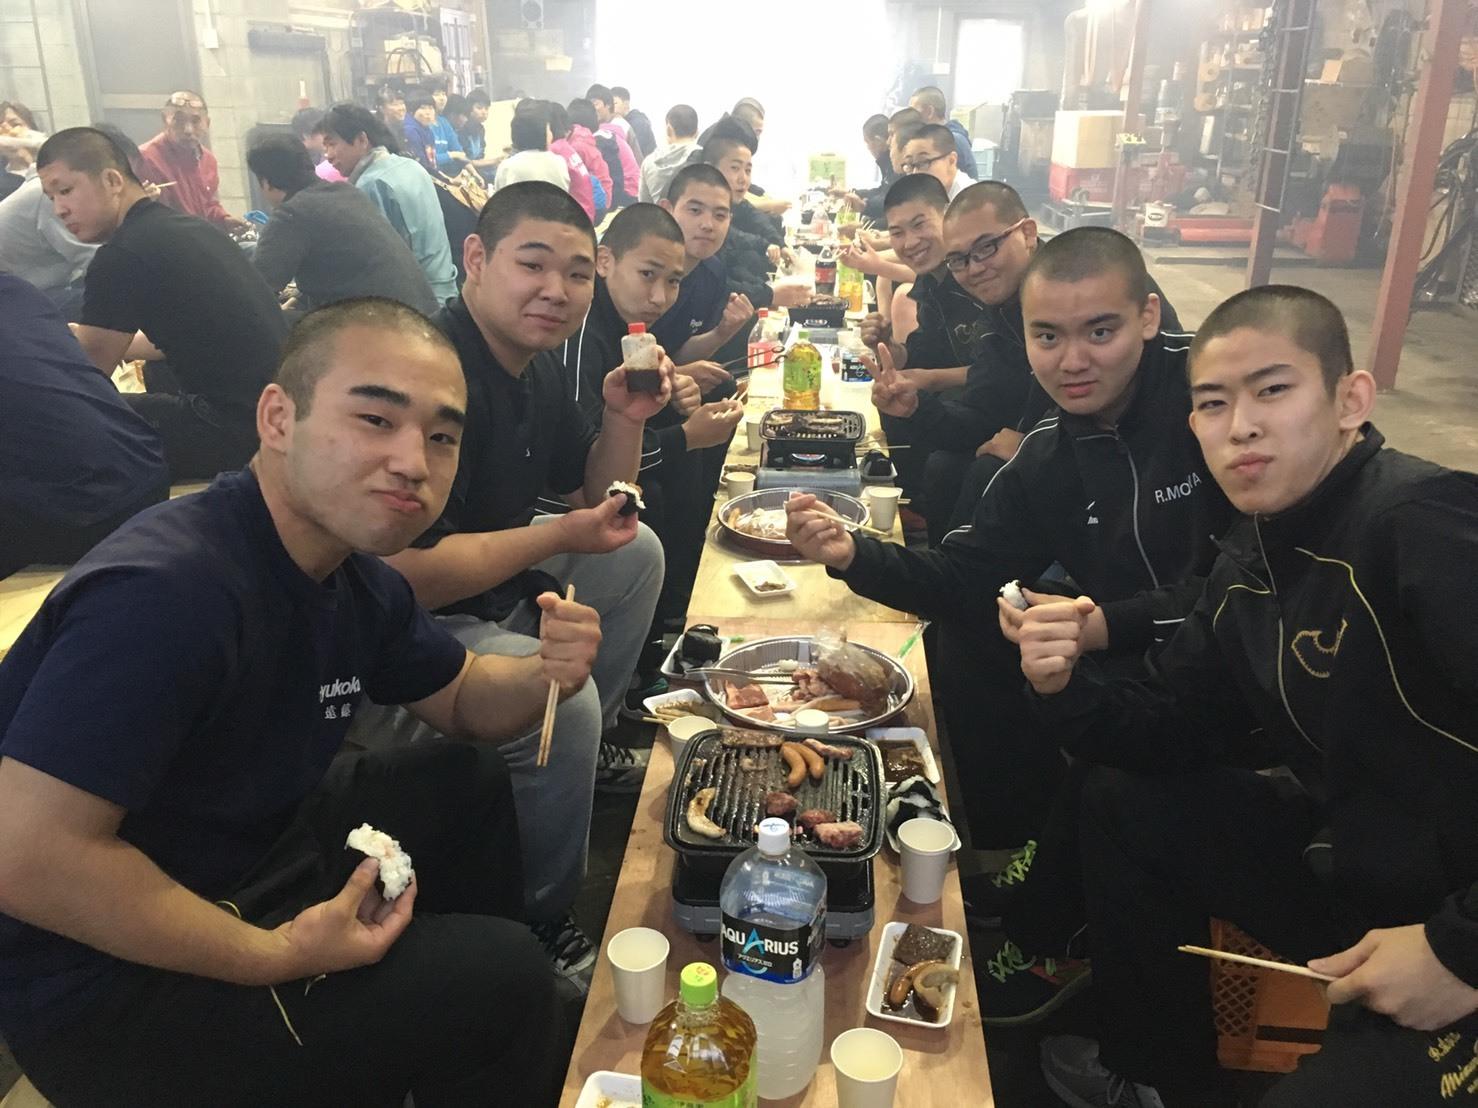 岡本さん主催の栄養会_c0095841_08530300.jpeg